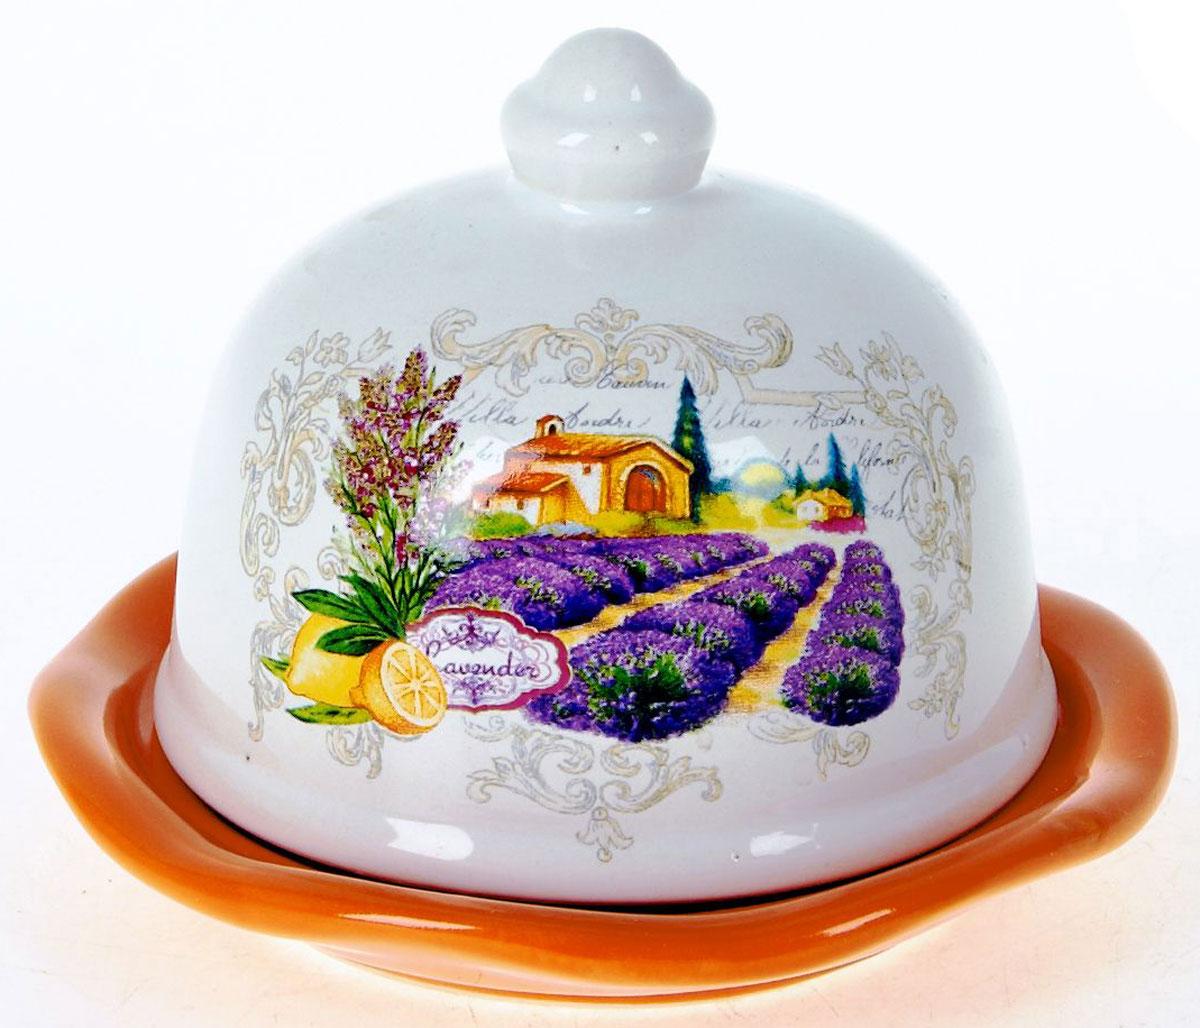 Лимонница ENS Group Прованс. L2430738401-848Лимонница Прованс выполнена из высококачественной керамики и состоит из блюдца и крышки. Изделие украшено оригинальным узором. Лимонница Прованс доставит истинное удовольствие ценителям прекрасного и поможет сохранить свежесть лимона на длительный срок. Яркий дизайн, несомненно, придется вам по вкусу. Не рекомендуется мыть в посудомоечной машине.